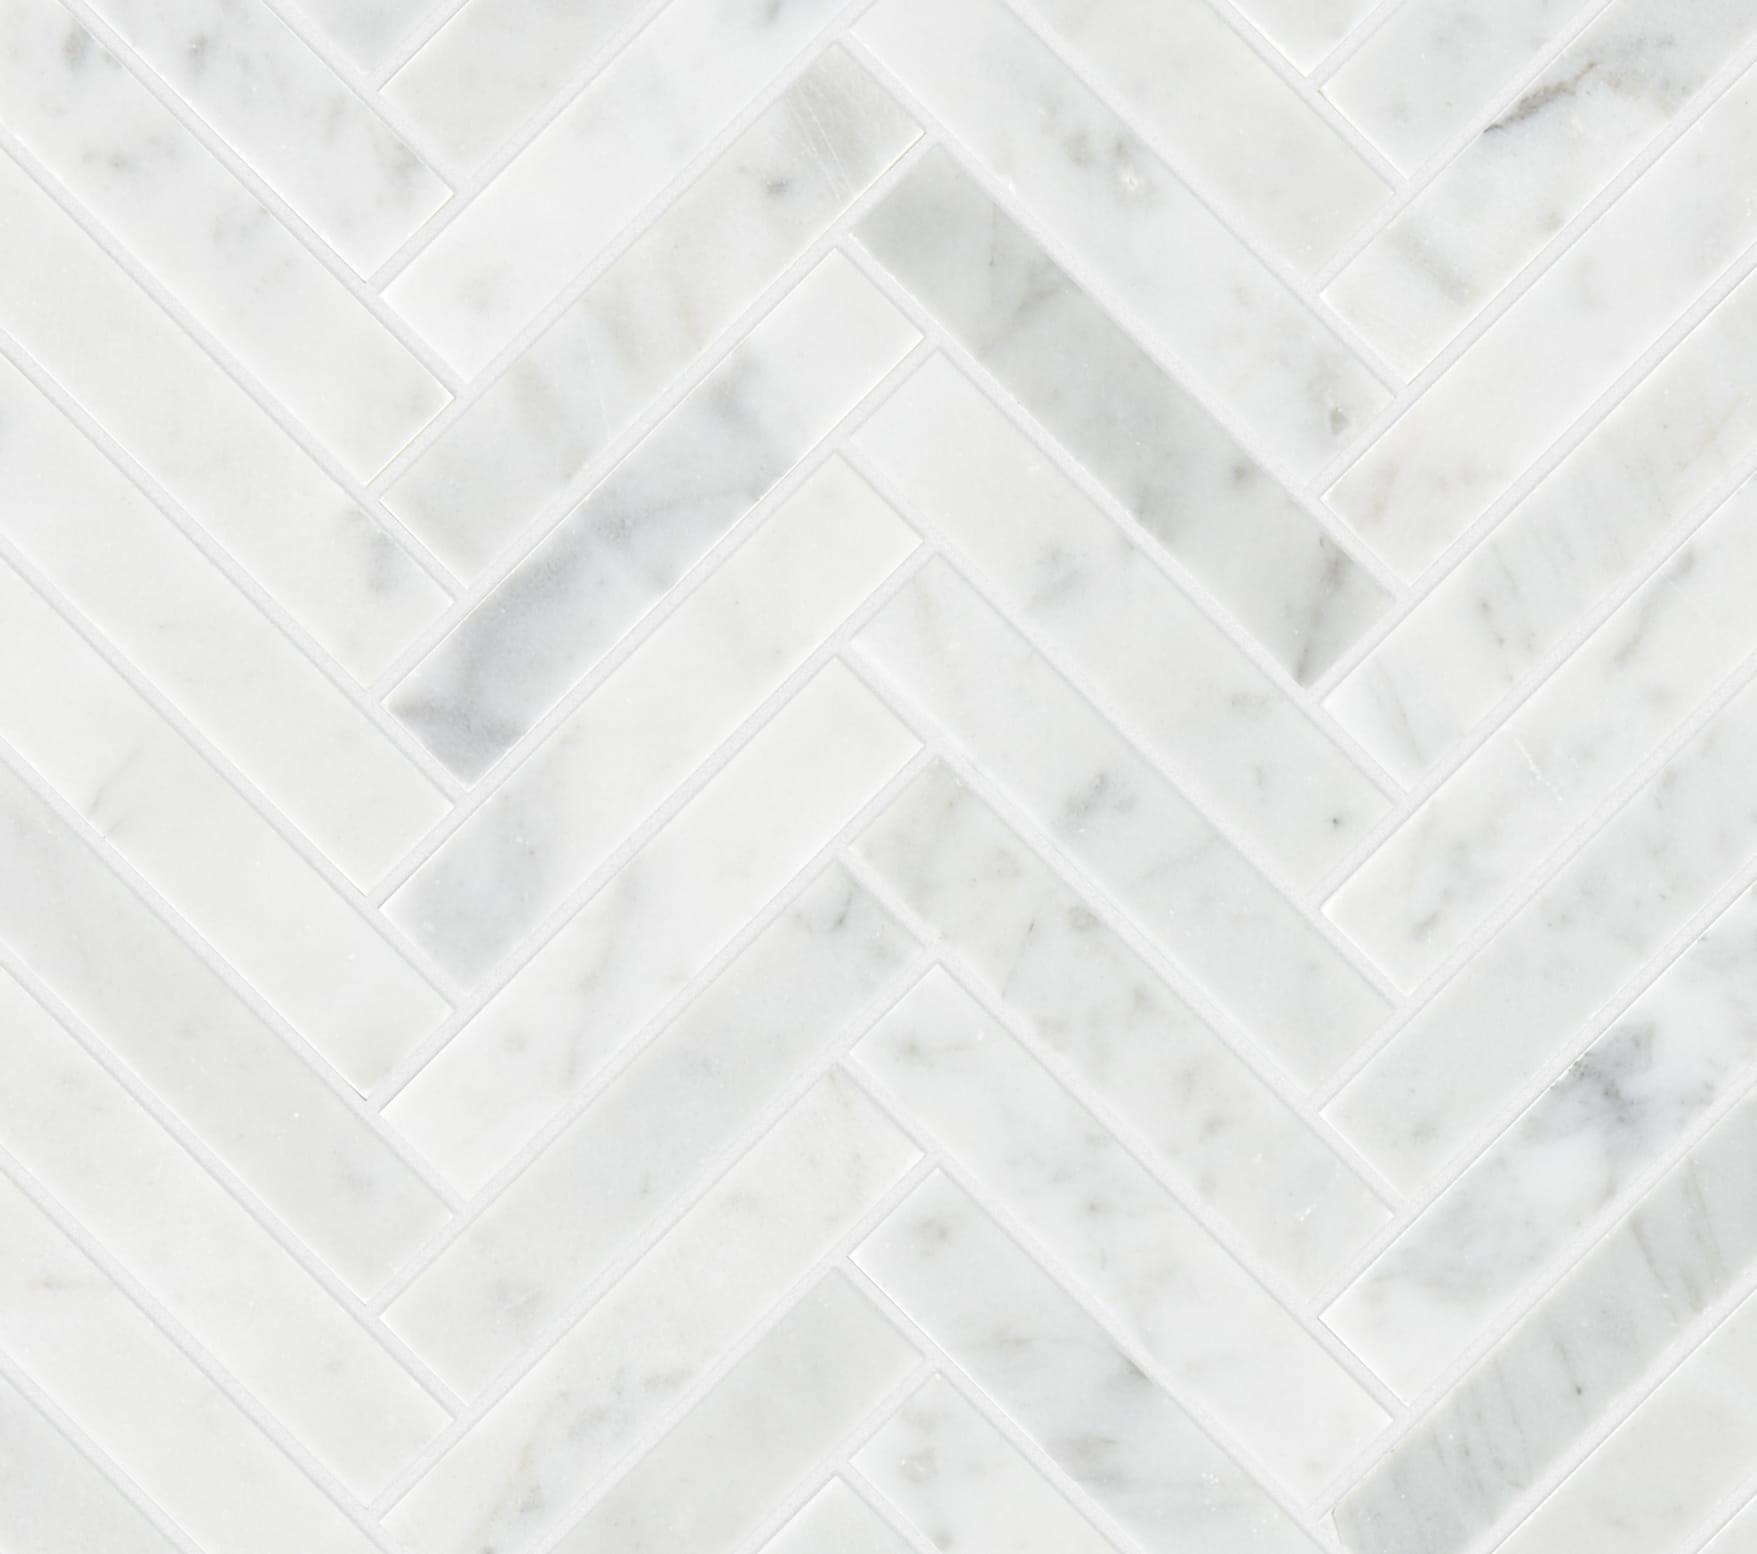 Carrara Honed Marble Herringbone Mosaic